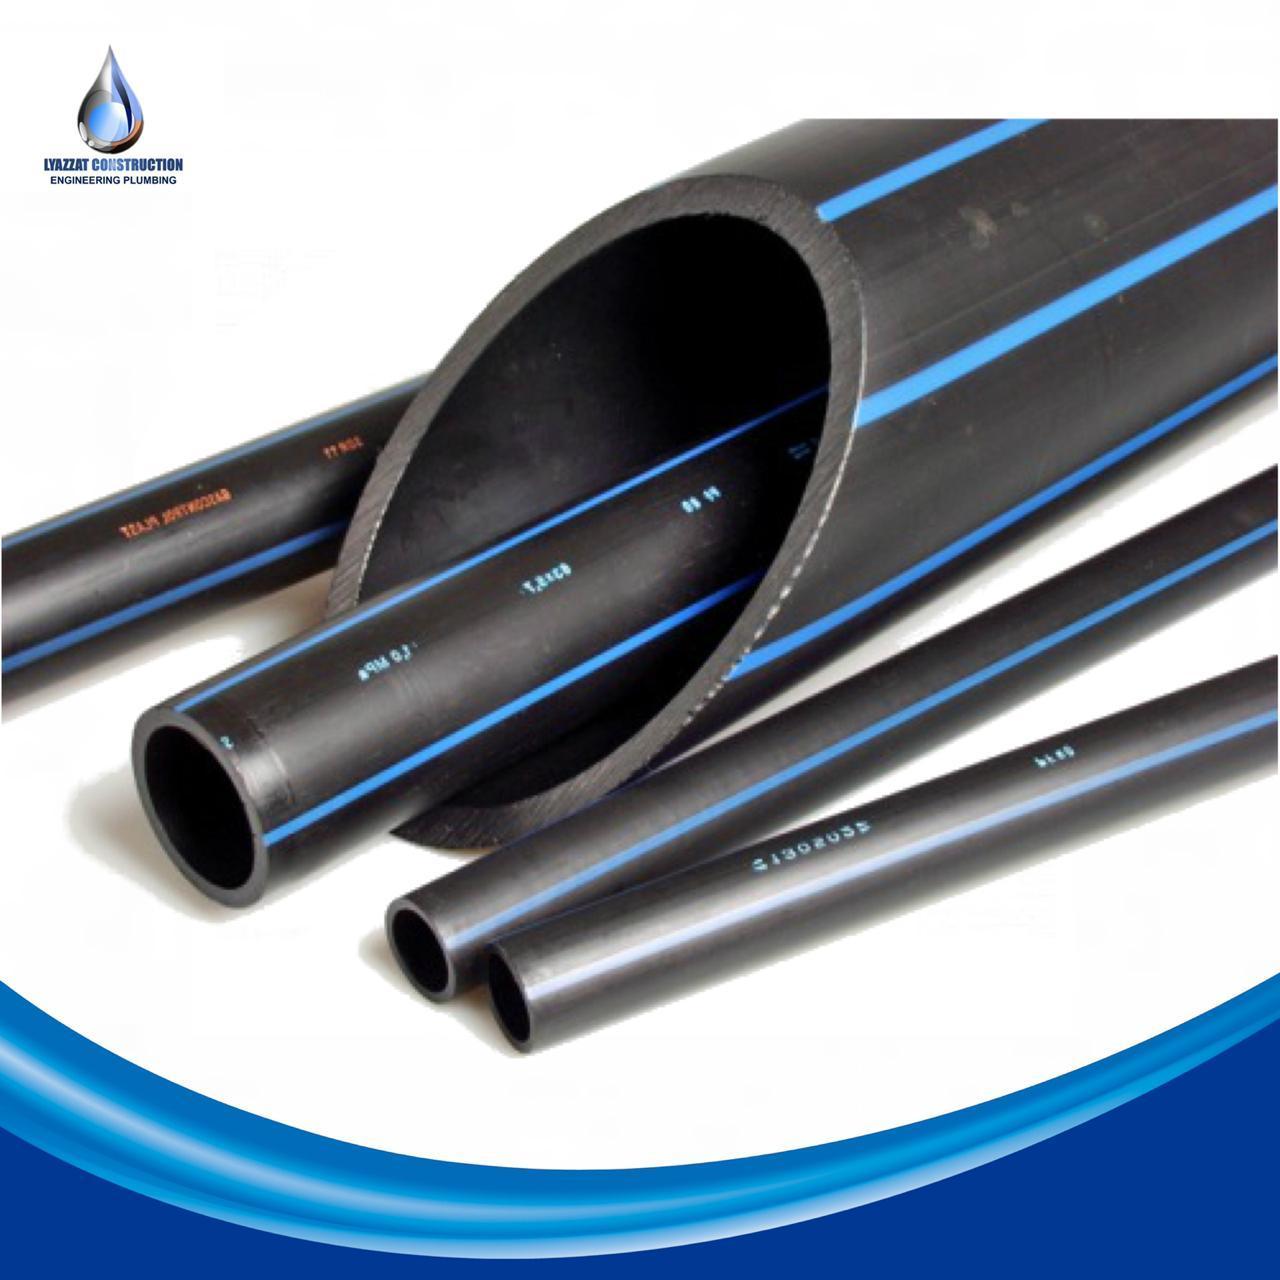 Труба полиэтиленовая SDR 21 DN 280x13.4